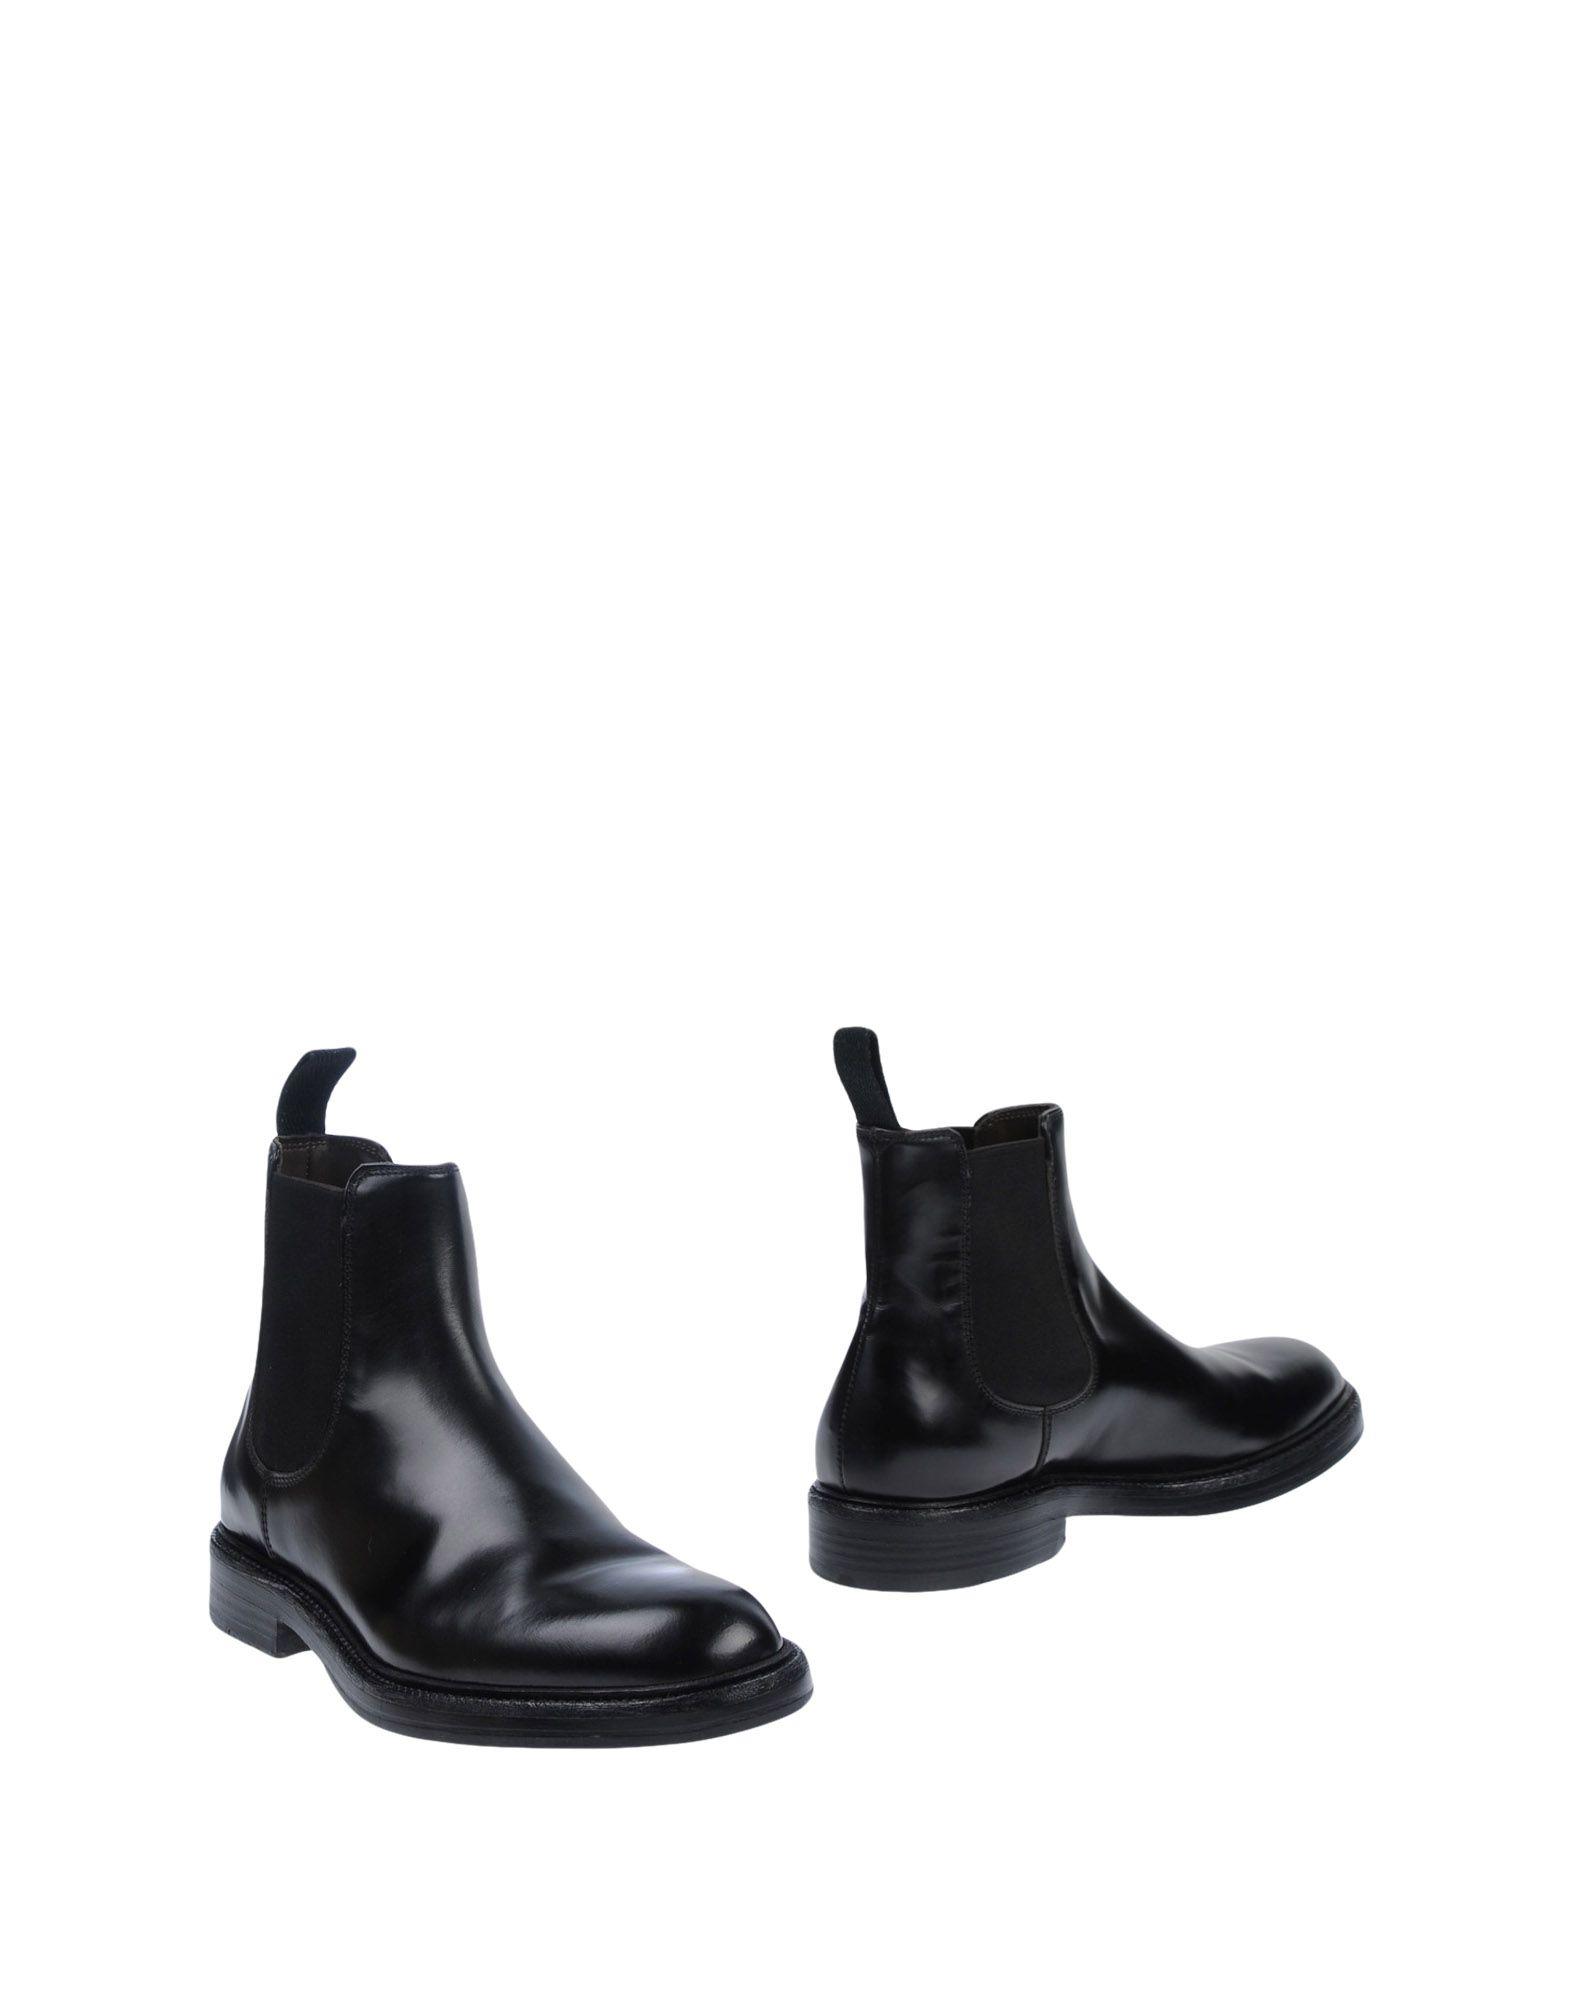 Green George Stiefelette Qualität Herren  11509276FD Gute Qualität Stiefelette beliebte Schuhe 3359bd